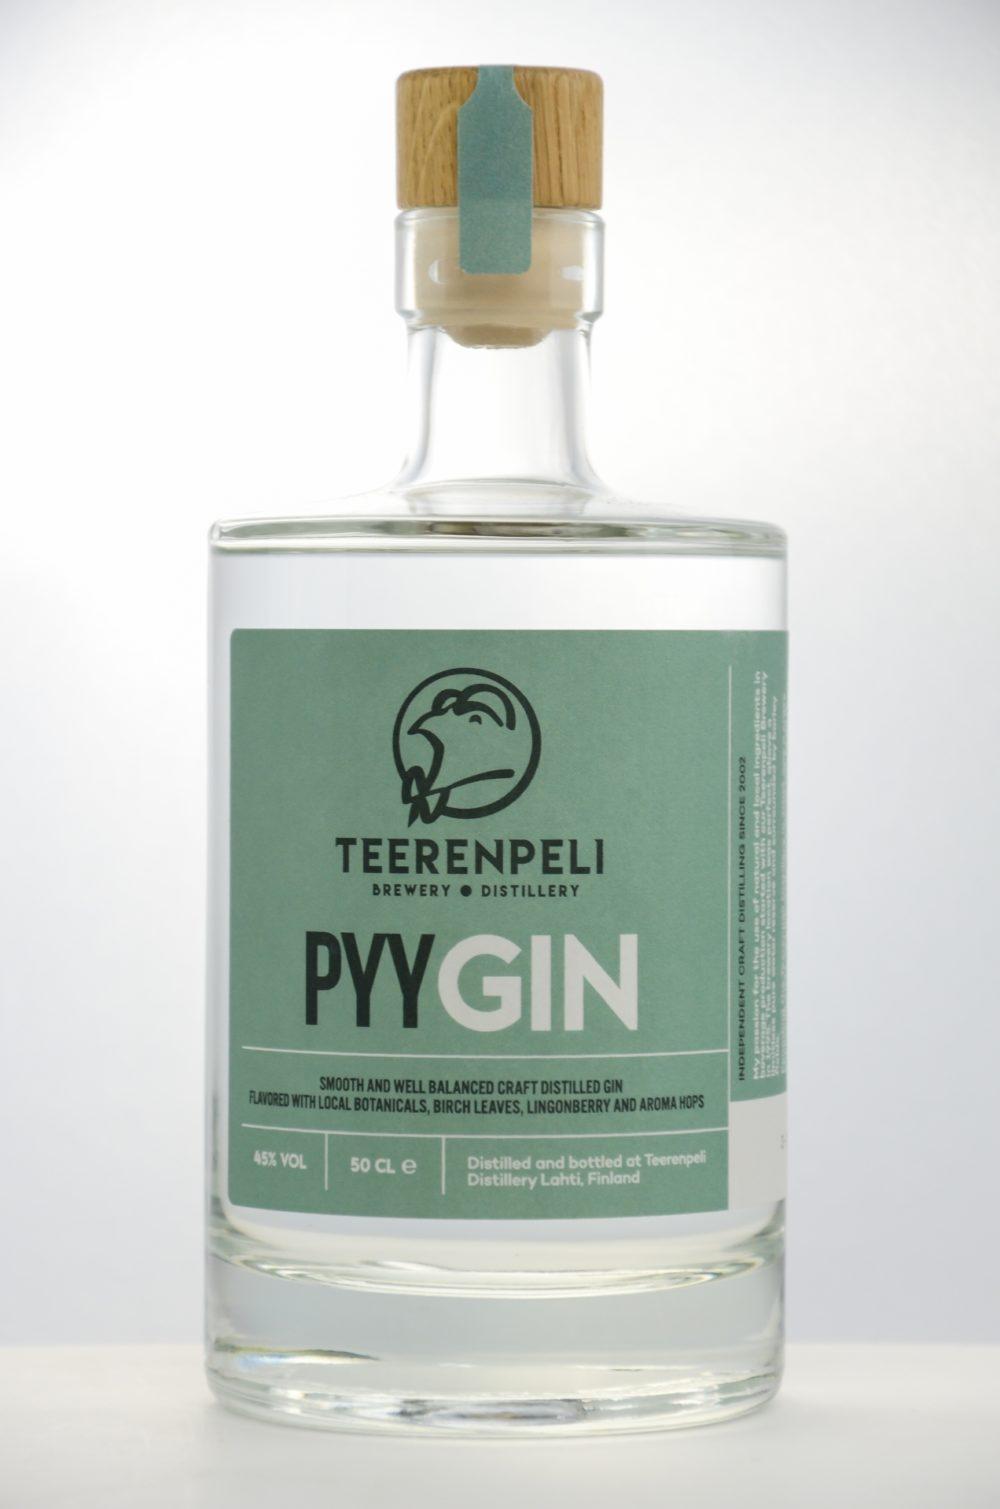 Teerenpeli Pyy Gin